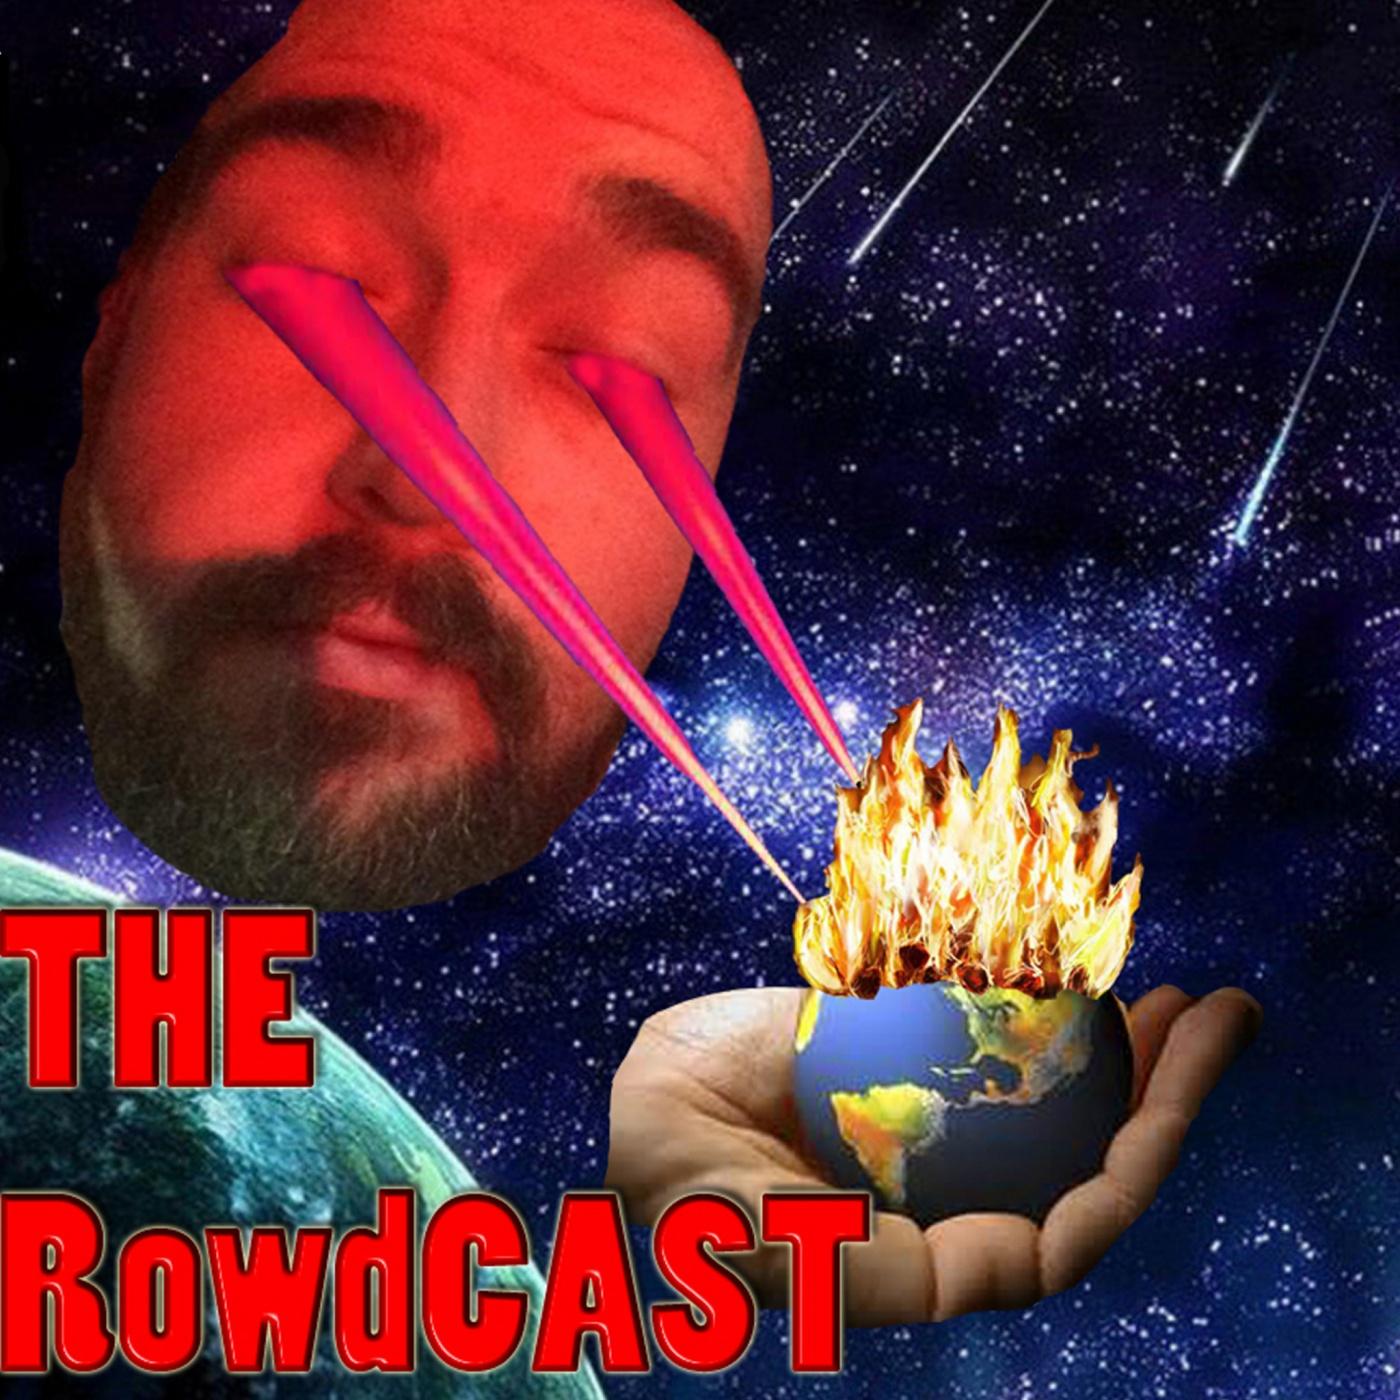 The RowdCAST Radio